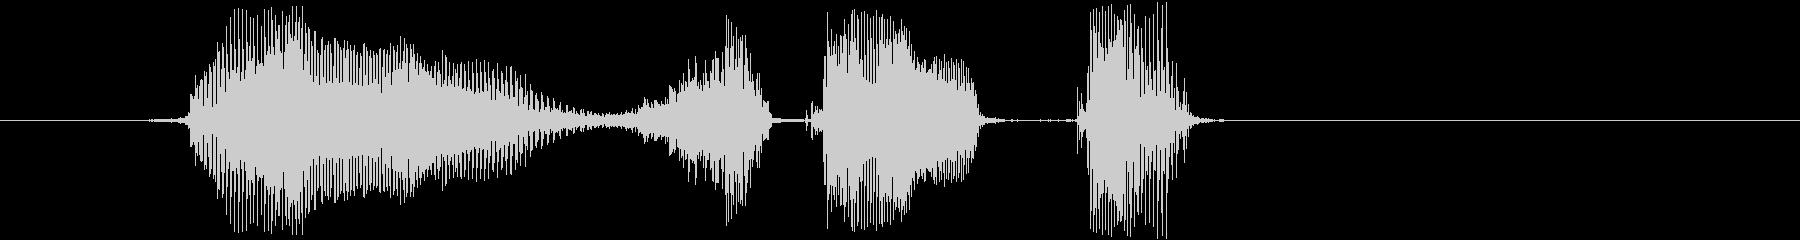 「よーい スタート」の未再生の波形